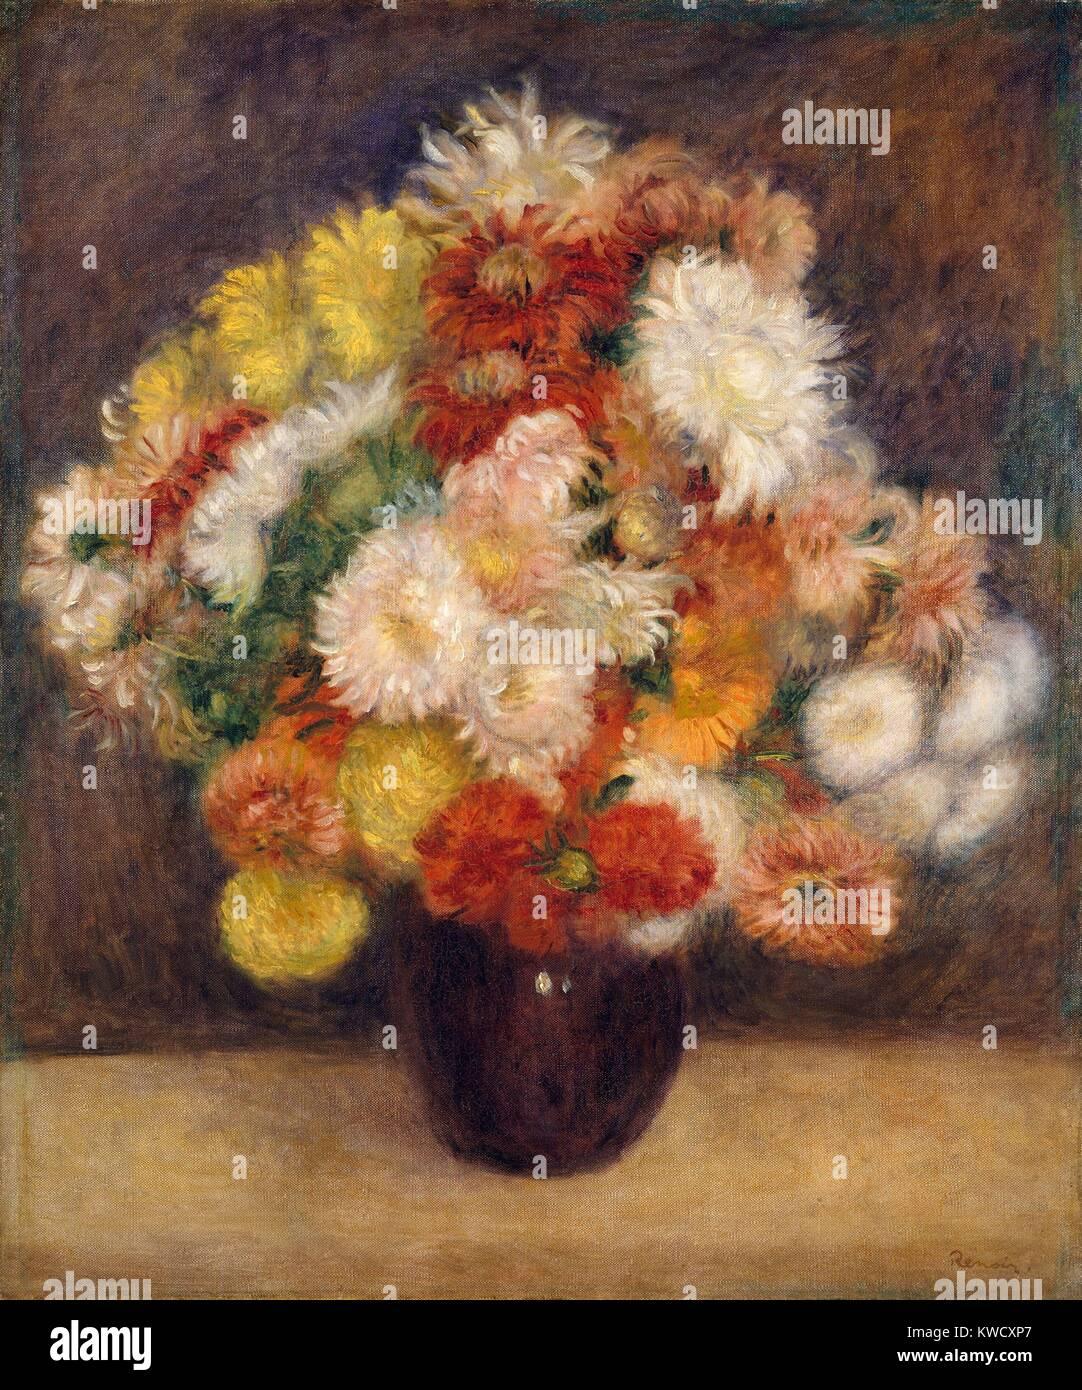 Bouquet di crisantemi, da Auguste Renoir, 1881, impressionista francese pittura, olio su tela (BSLOC_2017_3_85) Immagini Stock